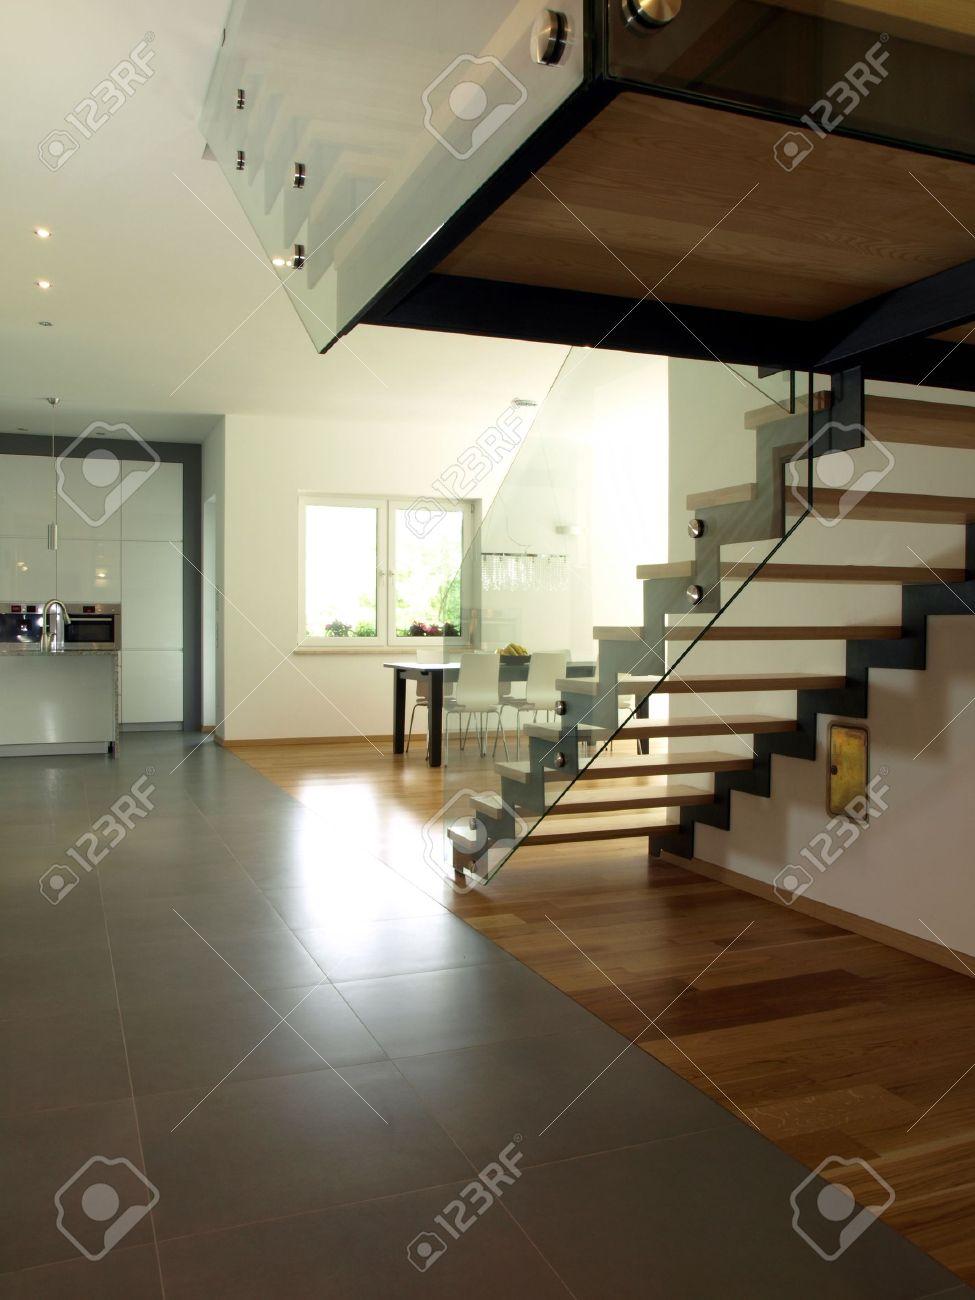 Innenansicht Der Neuen Modernen Haus Treppen Und Kuchen